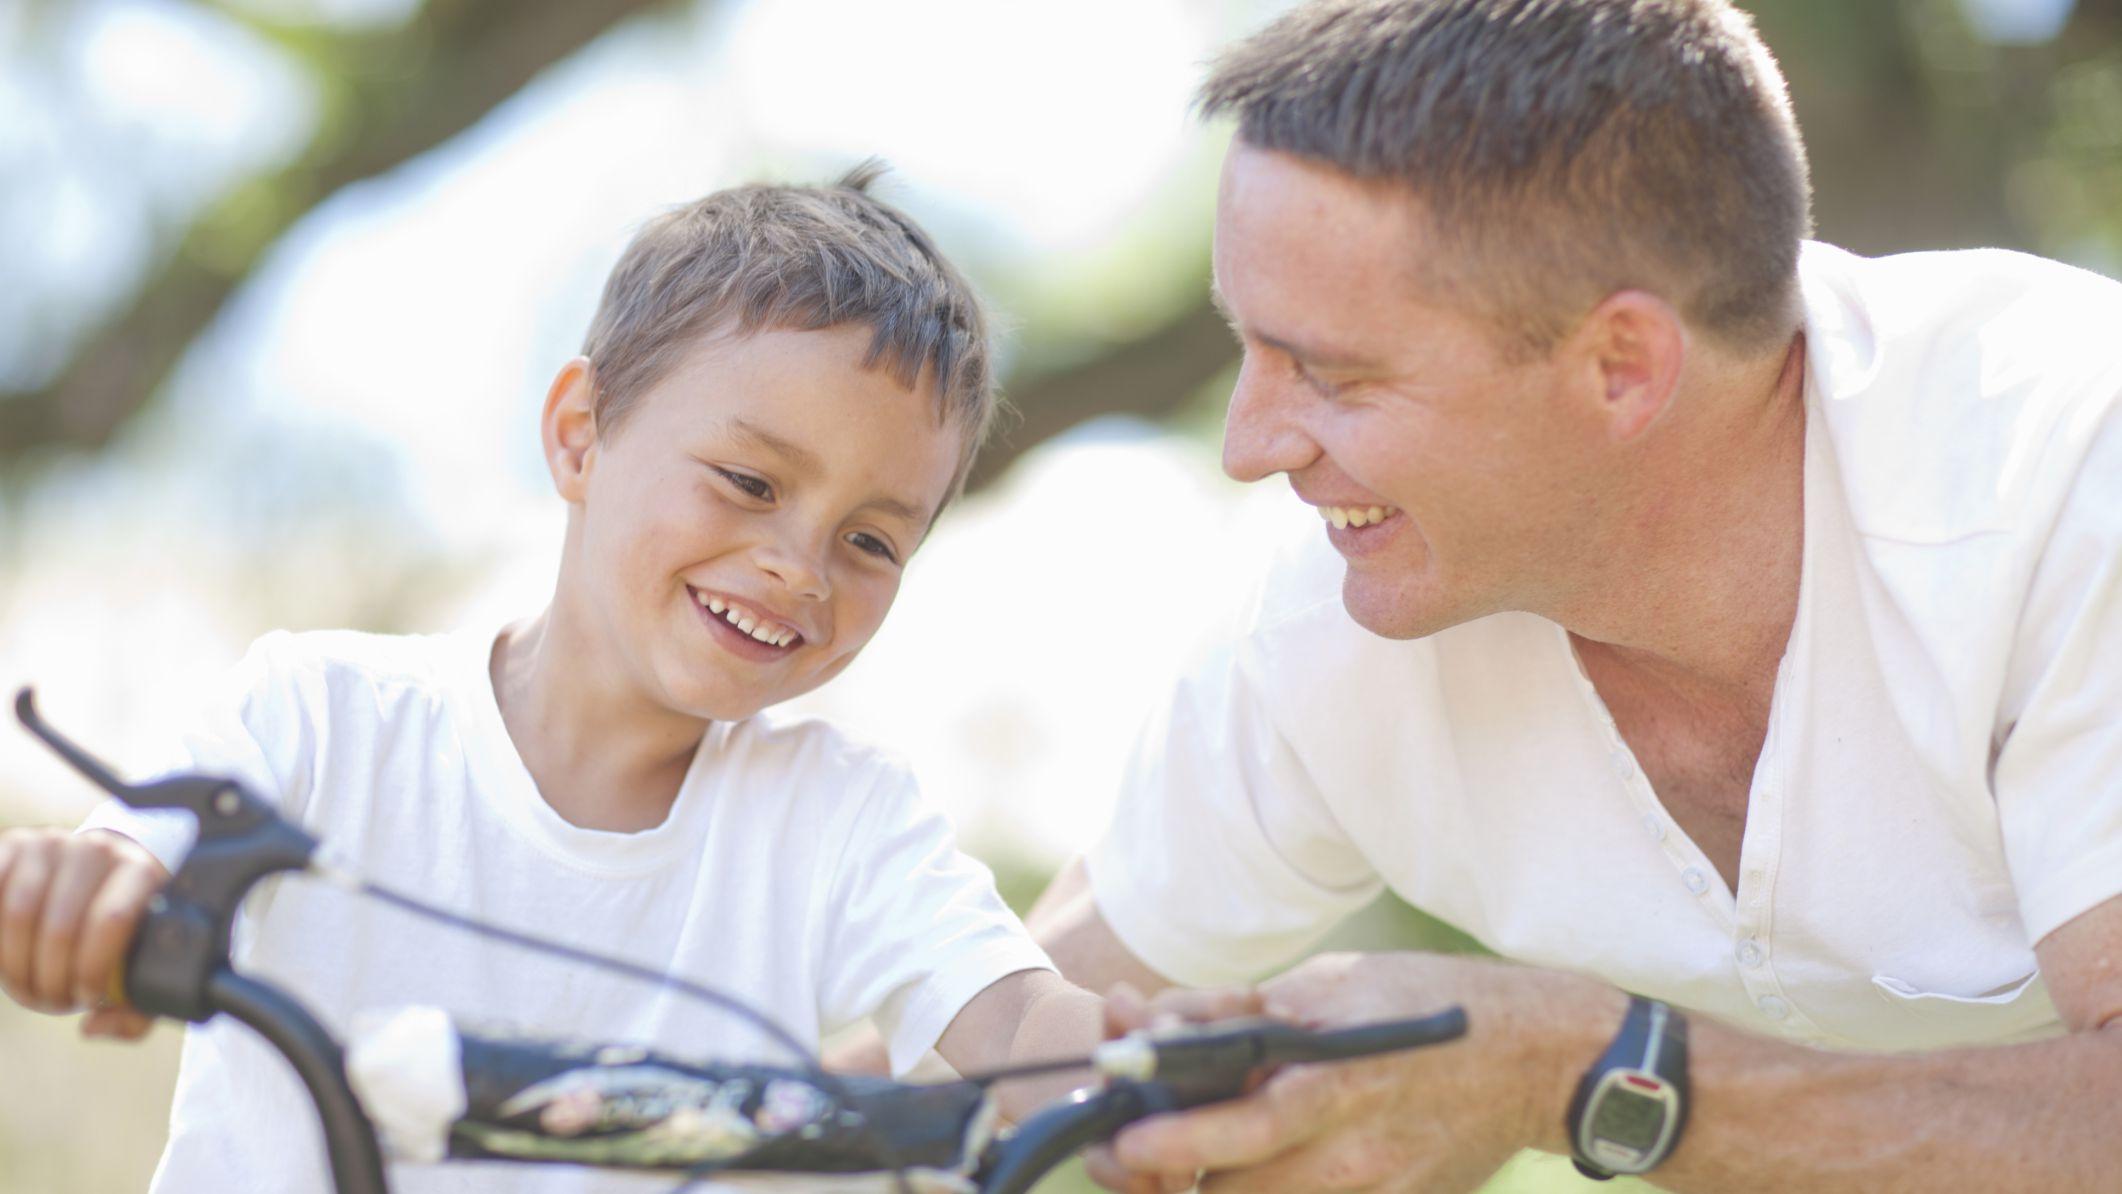 Gjashtë gjërat që një baba i mëson djalit të tij